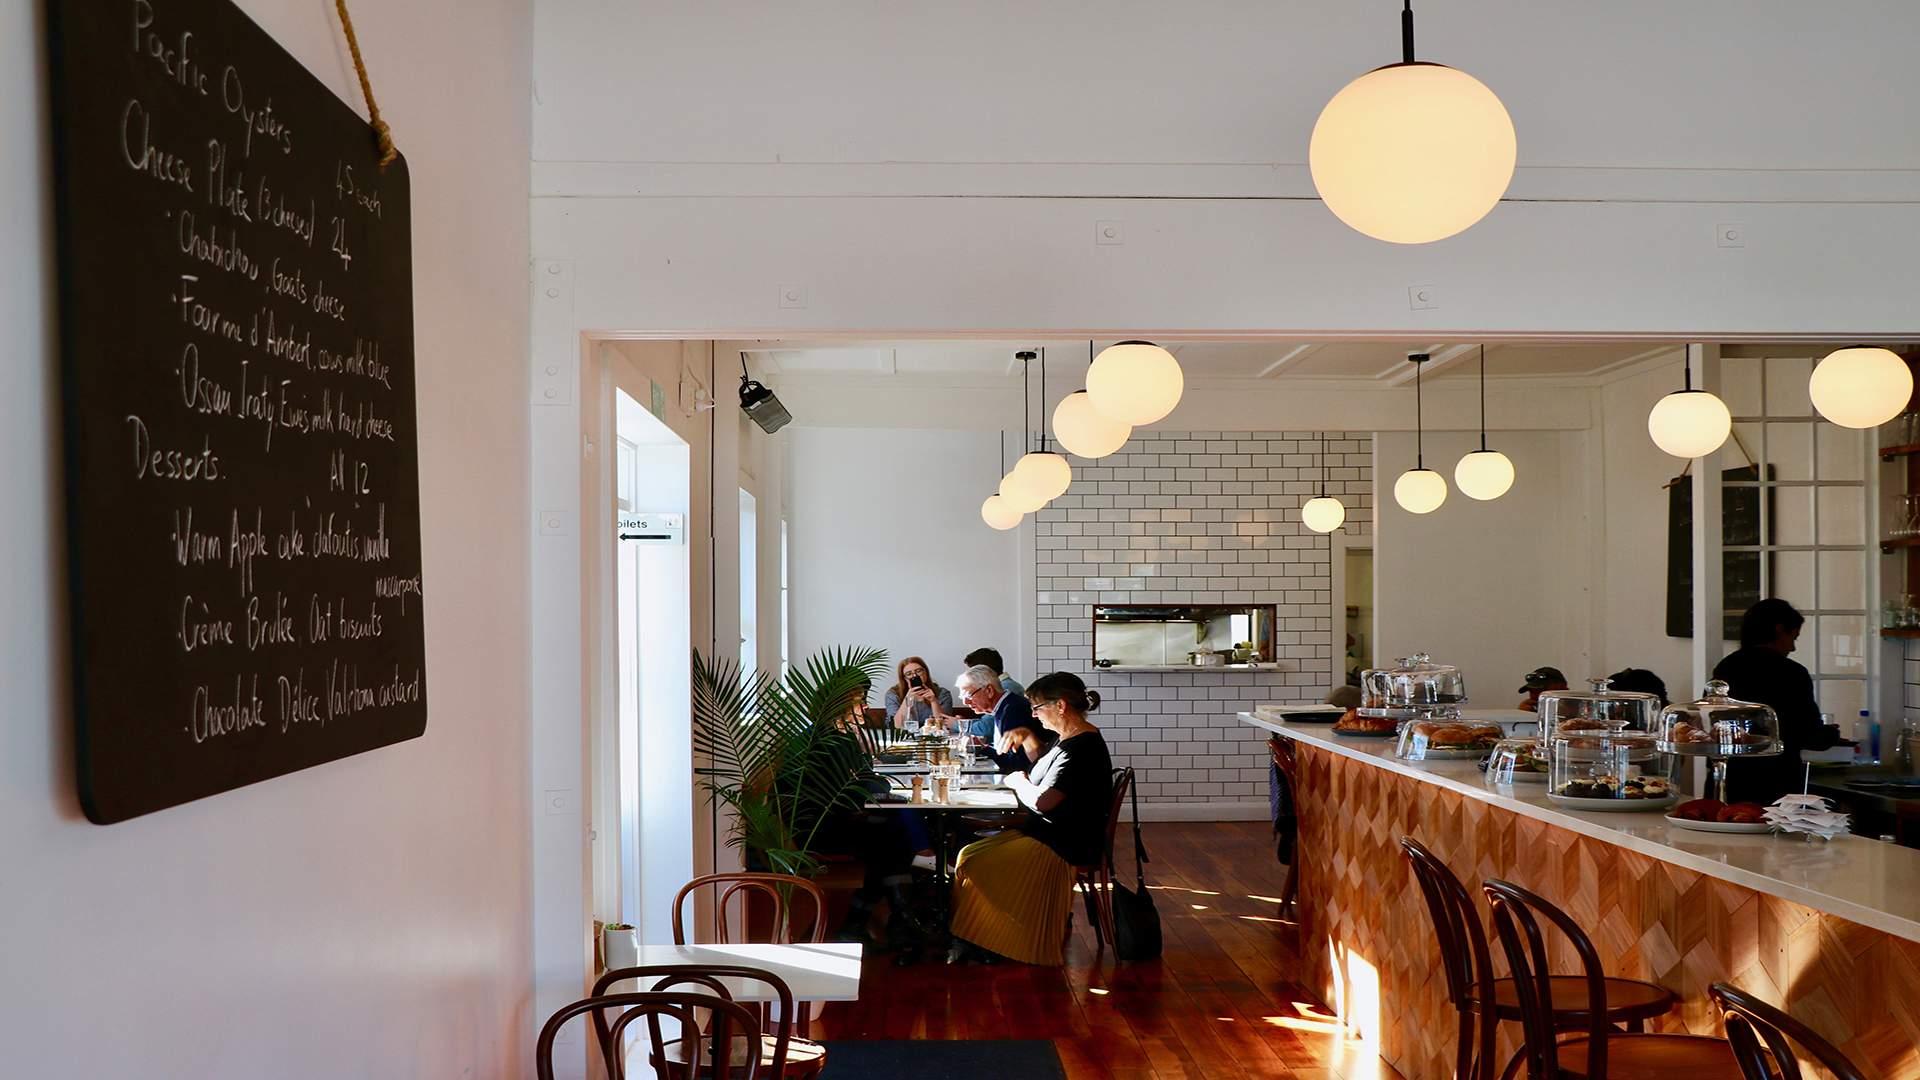 Ambler Cafe & Bistro